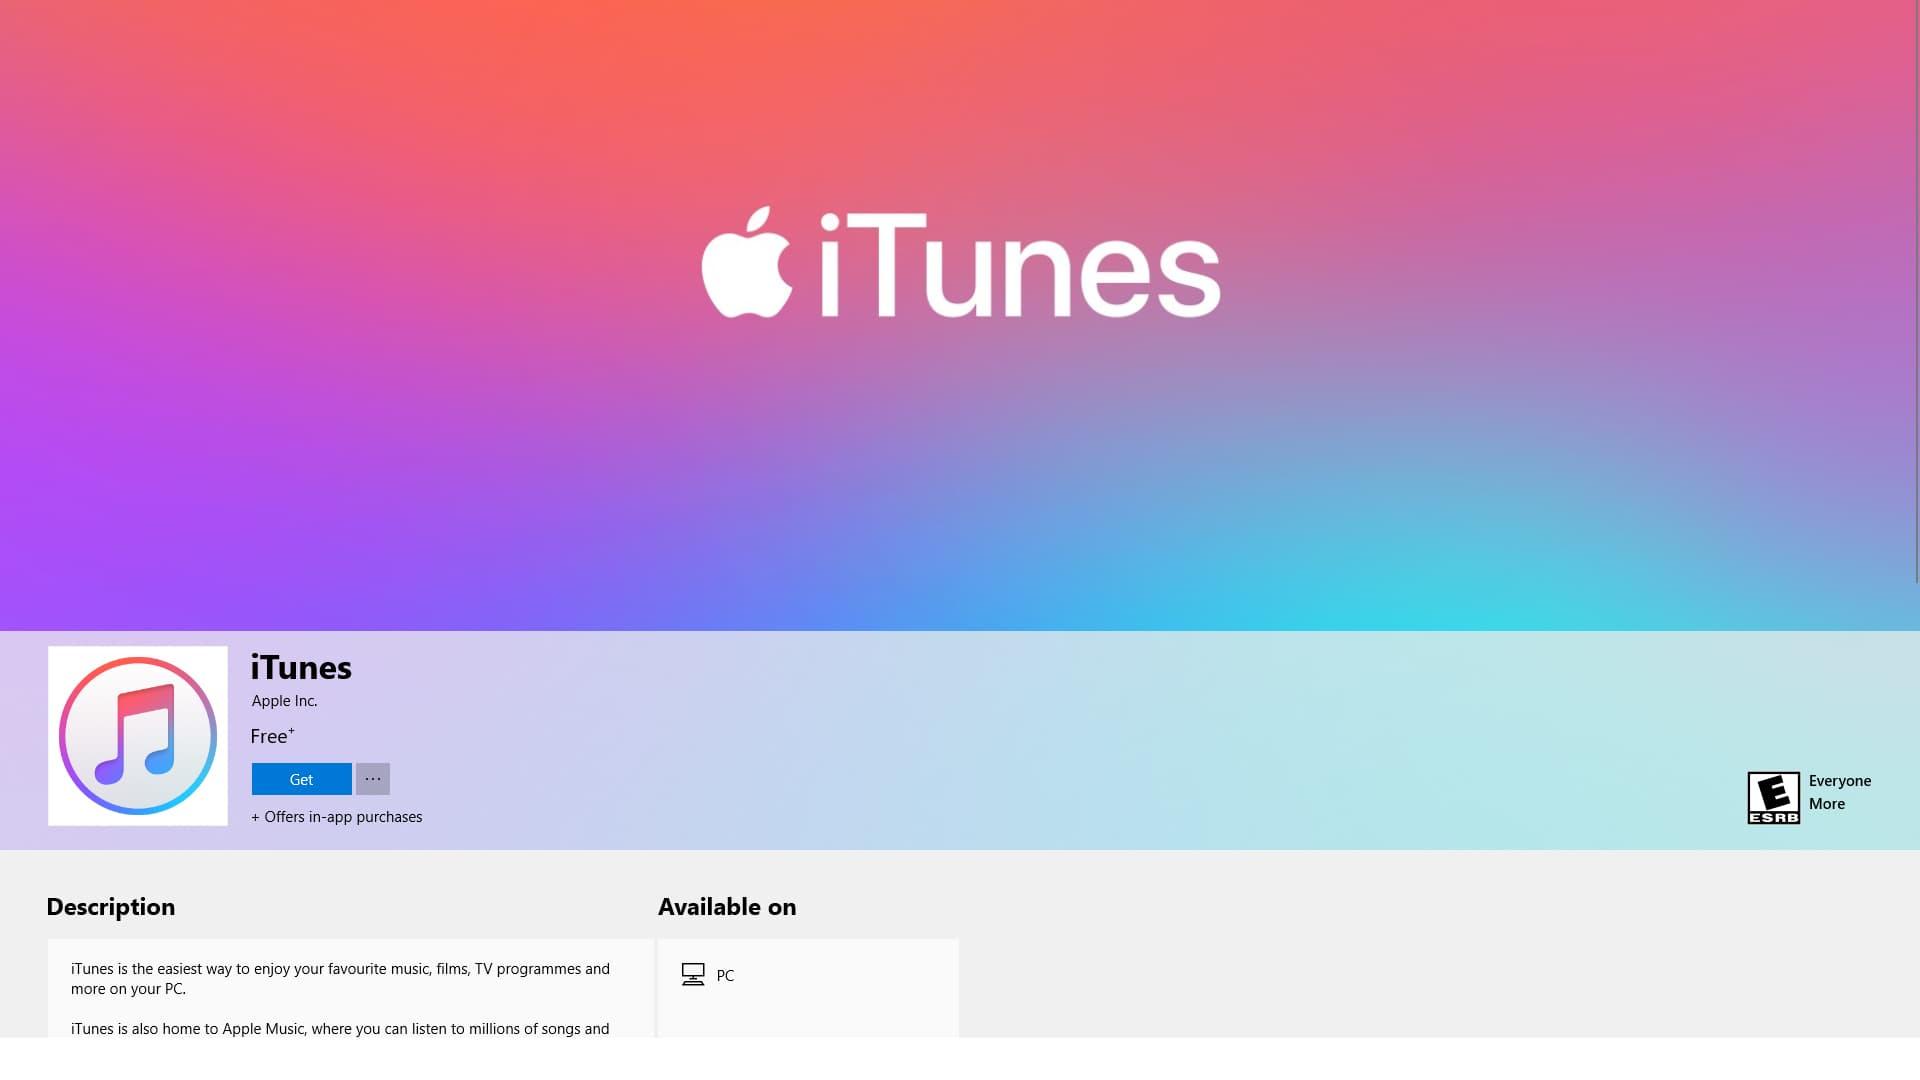 电脑iTunes无限登陆(会话已过期)解决办法